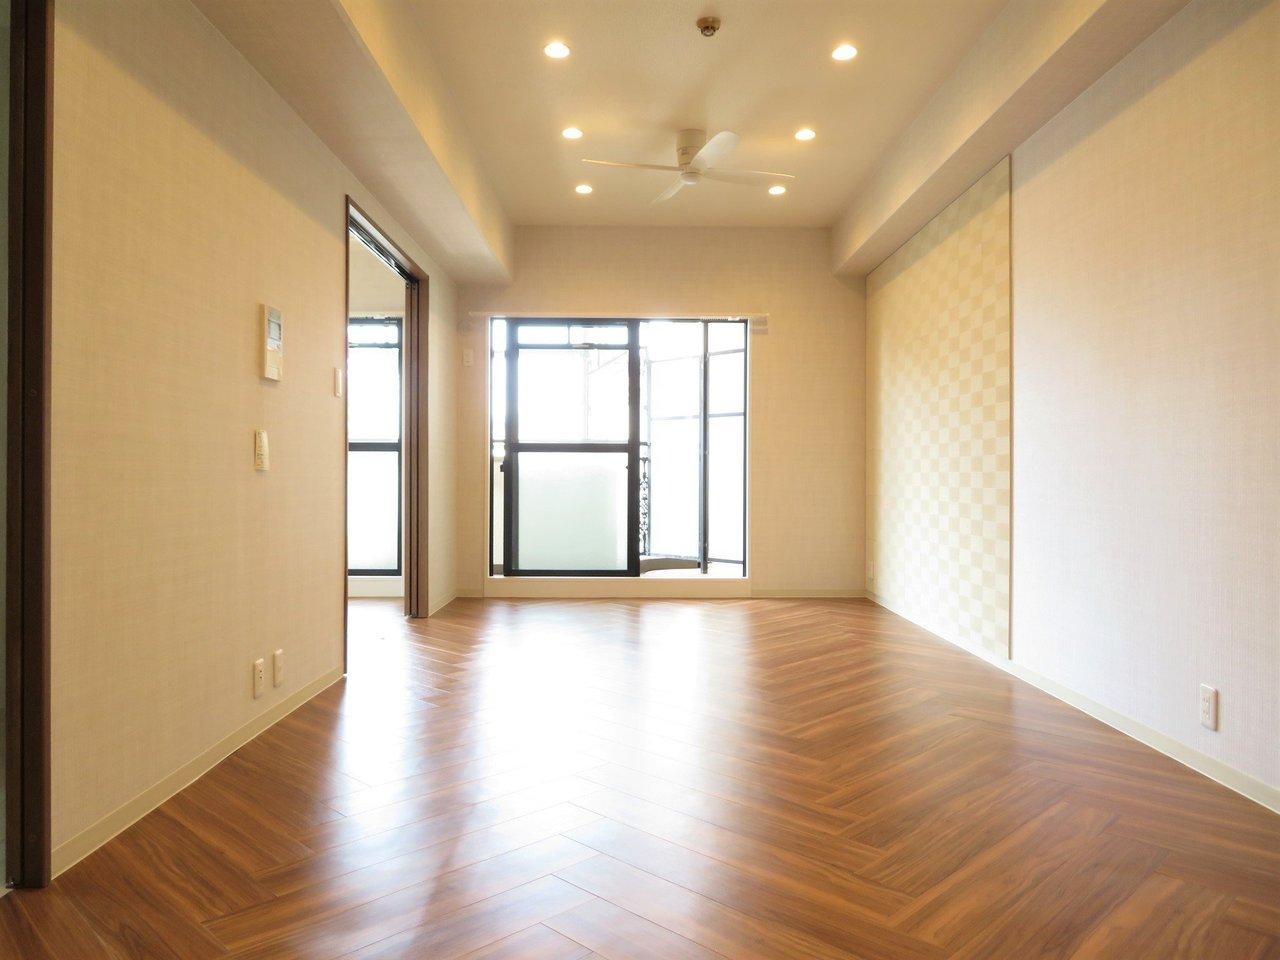 反対側からみるとこの通り。13.2畳のリビングを、ダウンライトが優しく照らします。天井にはシーリングファンもありますよ。おしゃれでかっこいい!